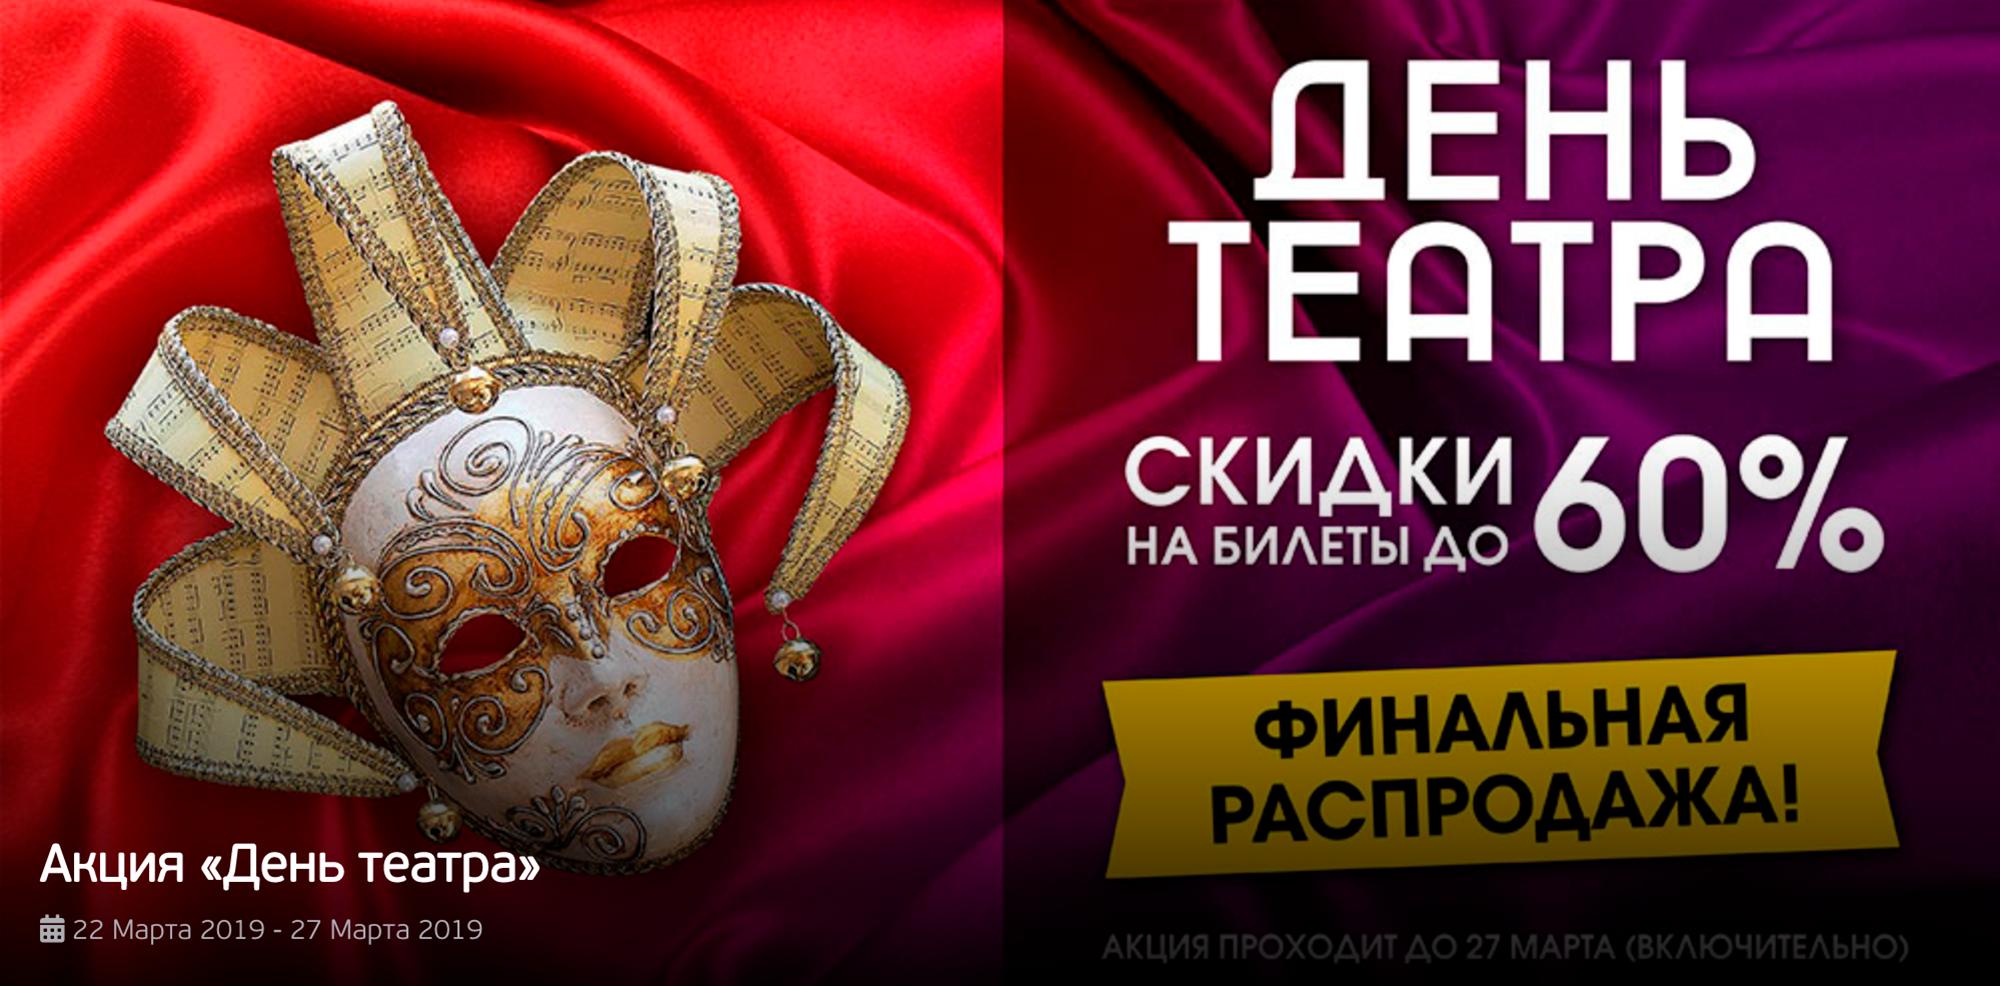 О скидках объявляют заранее на сайтах театров и агрегаторов. Чтобы не пропустить распродажу, подпишитесь на рассылку «Яндекс-афиши», «Билетер-ру» и «Кассир-ру»